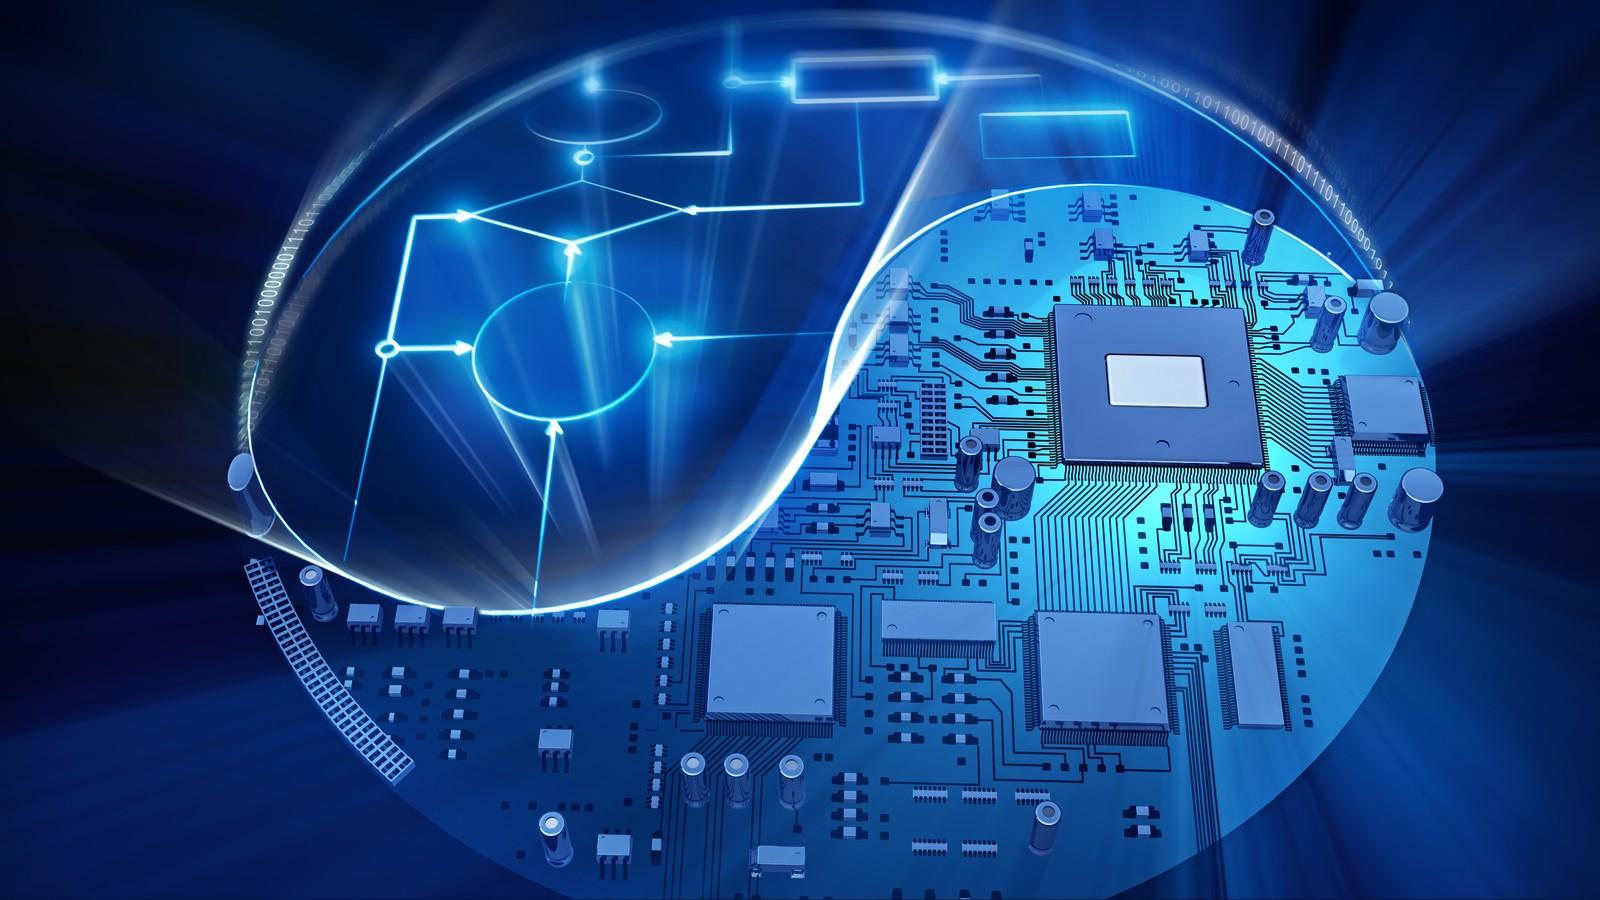 Die Integration von Zuken DS-2 ermöglicht die Erstellung und das Lifecycle-Management elektronischer und elektrischer Systeme im Rahmen der 3D-Experience-Plattform von Dassault Systèmes.